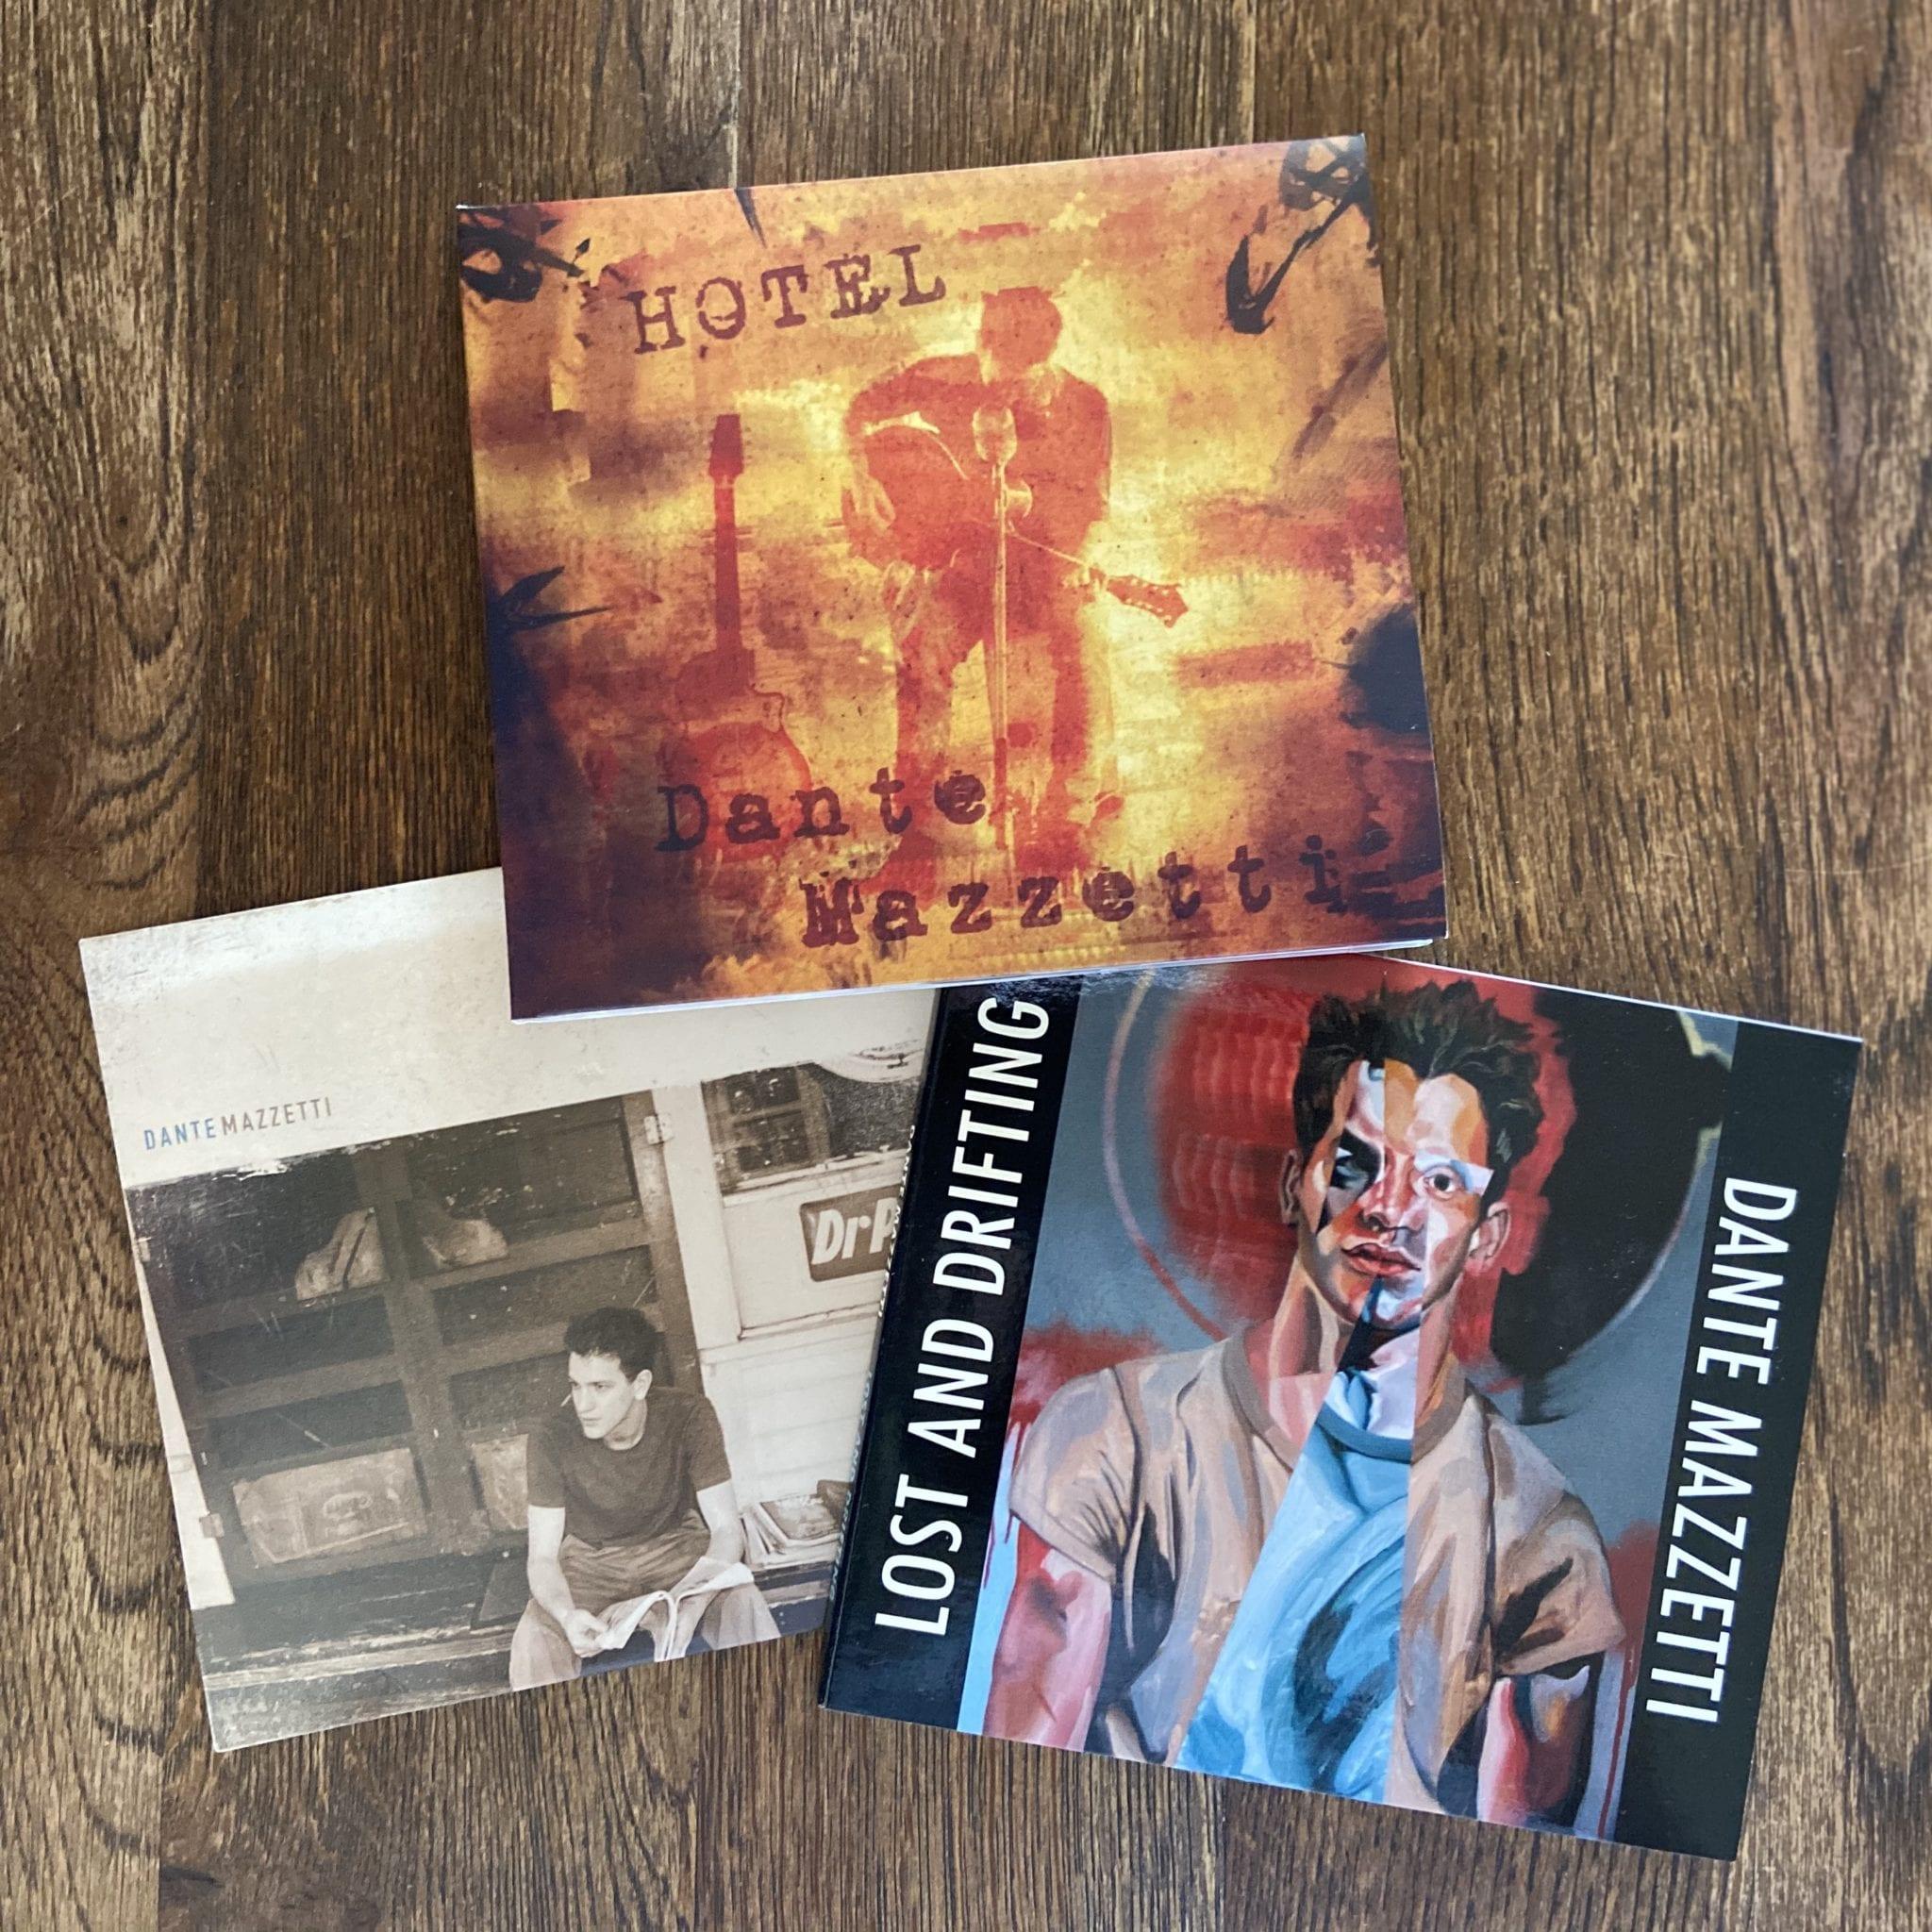 3 Dante Mazzetti Albums including Hotel, Lost and Drifting, and Dante Mazzetti